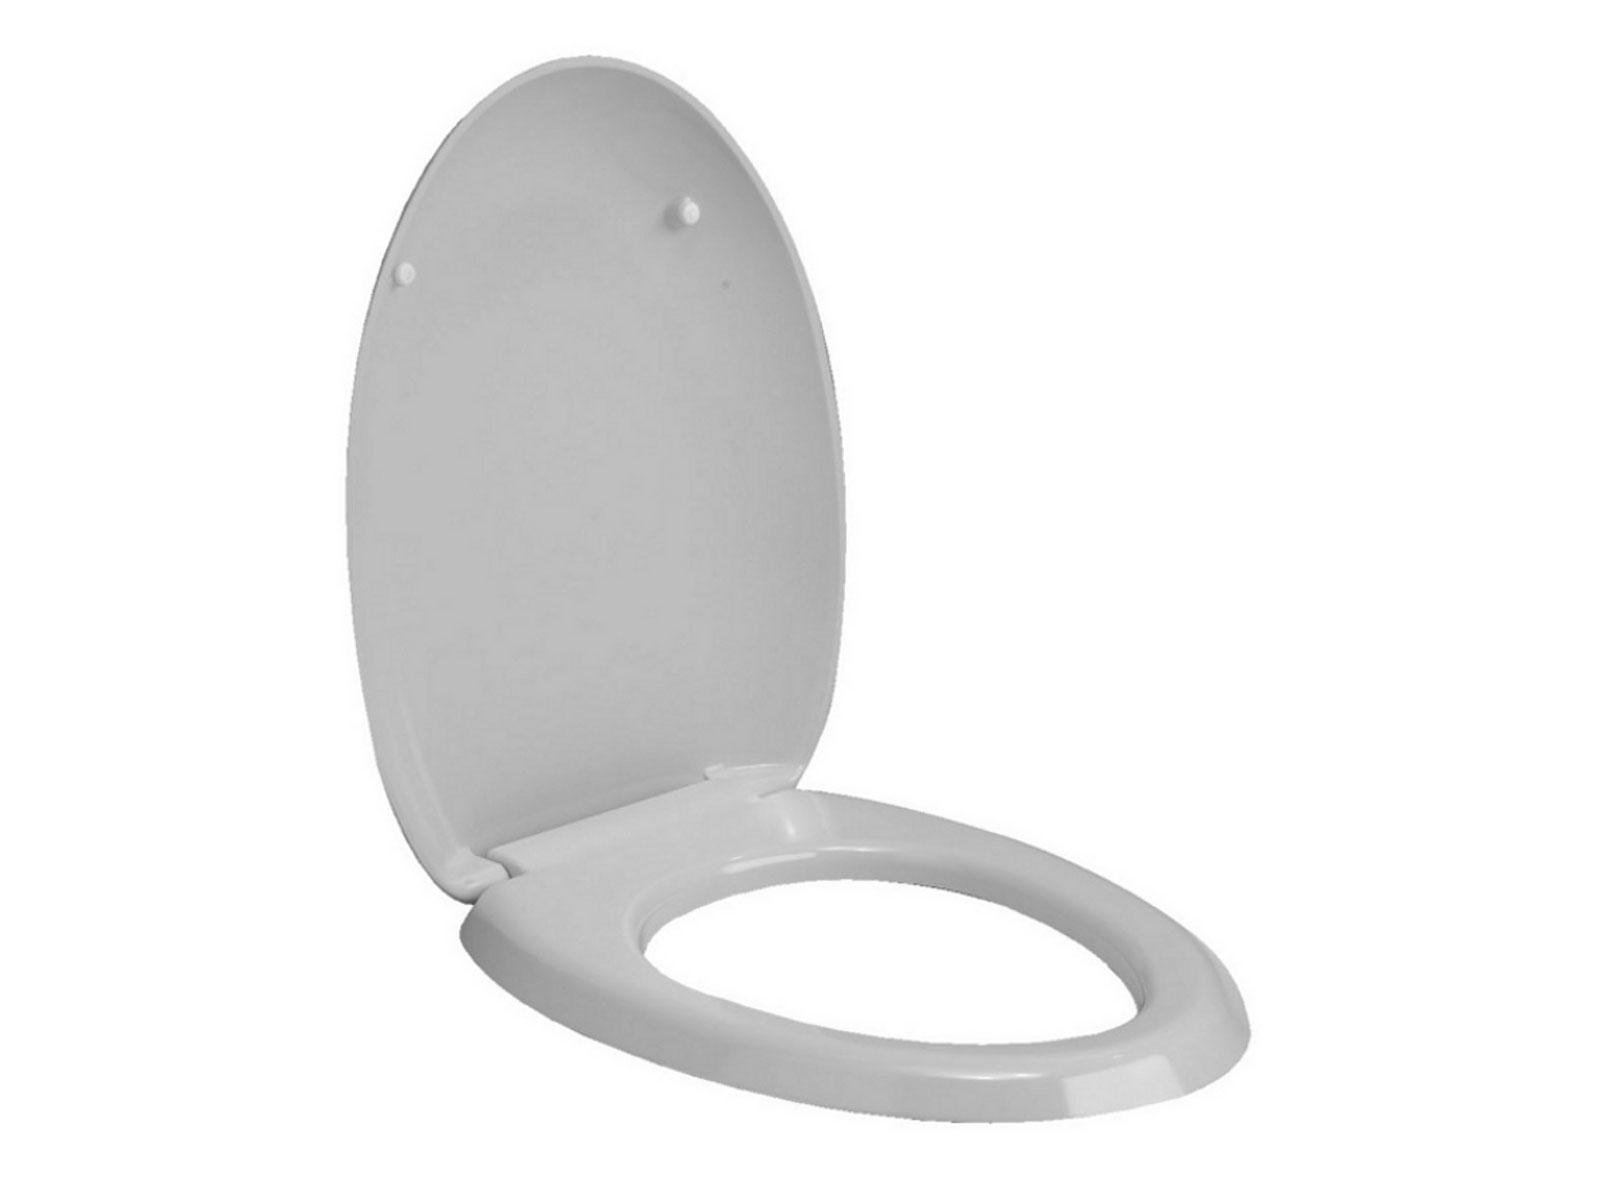 Lunette De Toilette - Wikilia.fr pour Lunette De Toilette Originale